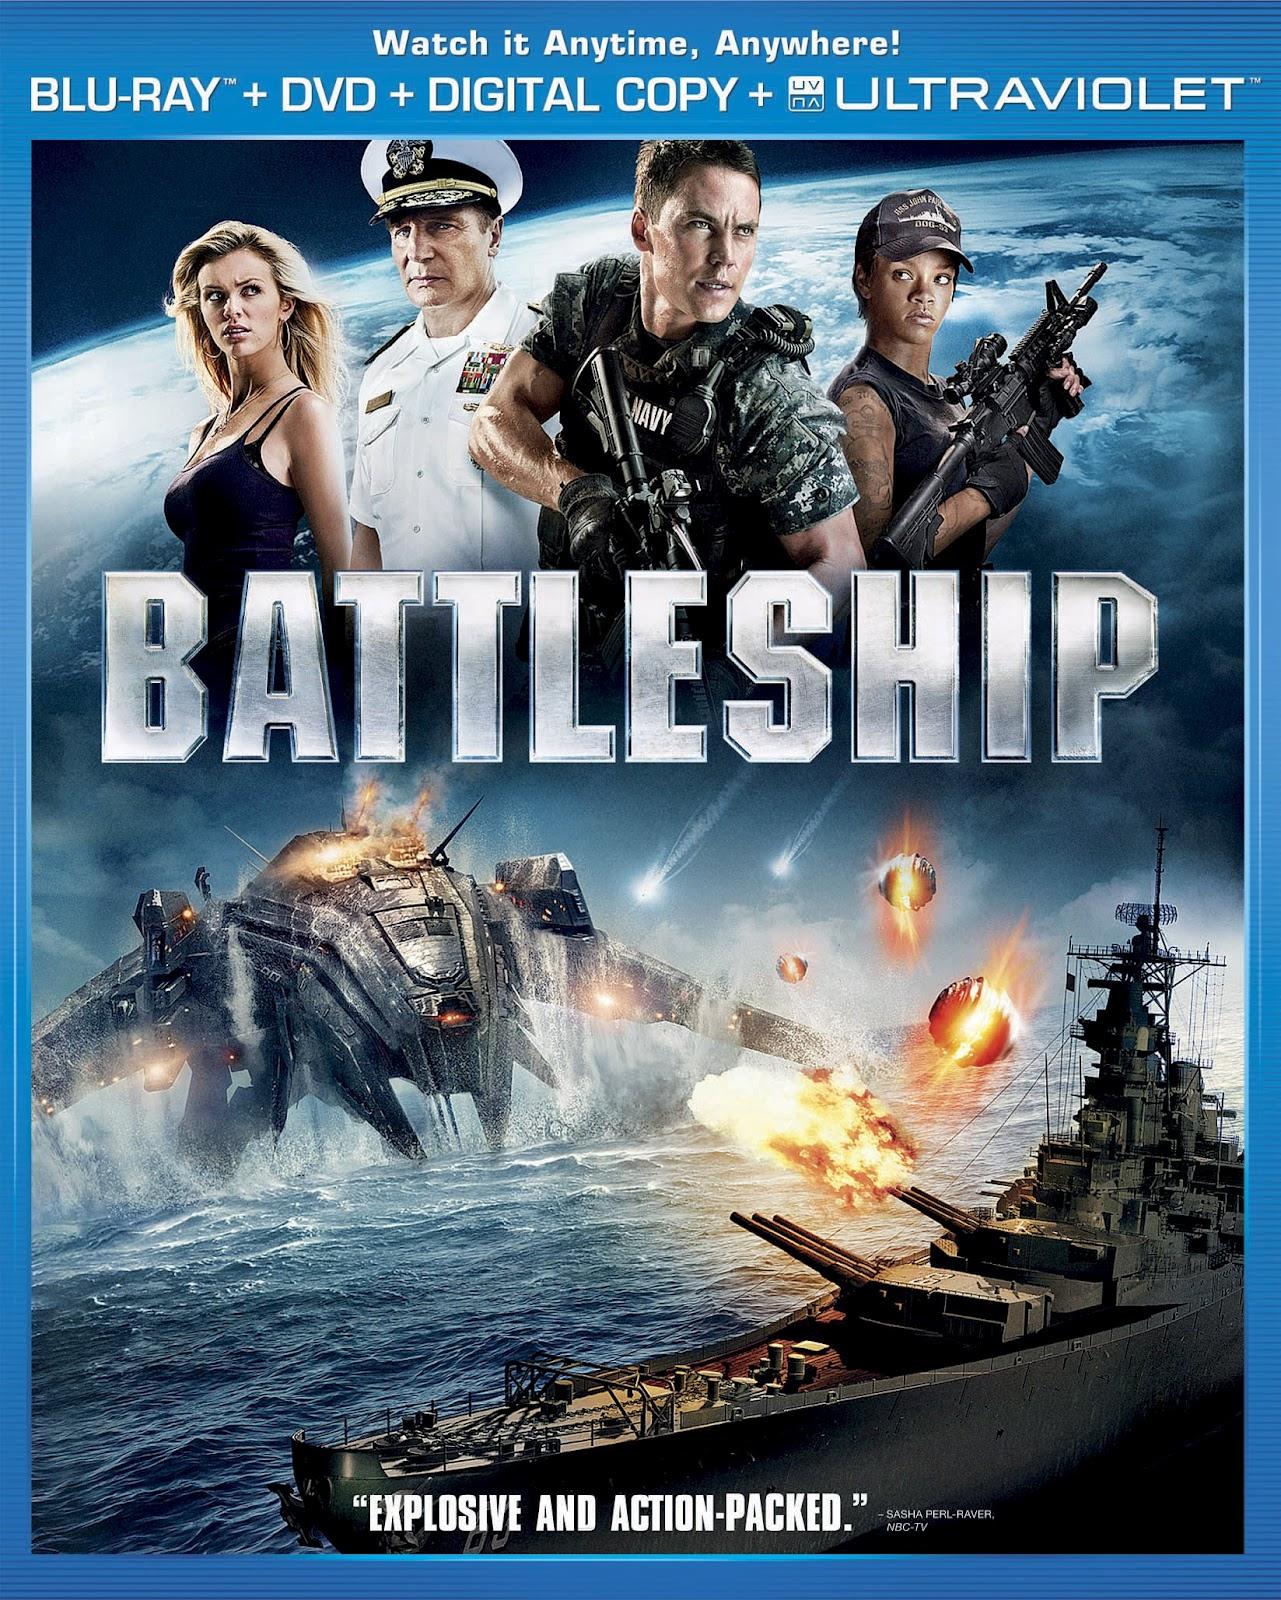 http://1.bp.blogspot.com/-SZLu1DKTKg8/UCRkWSprpOI/AAAAAAAADL0/v6nwb8sSePQ/s1600/battleship-blu-ray-cover-71.jpg